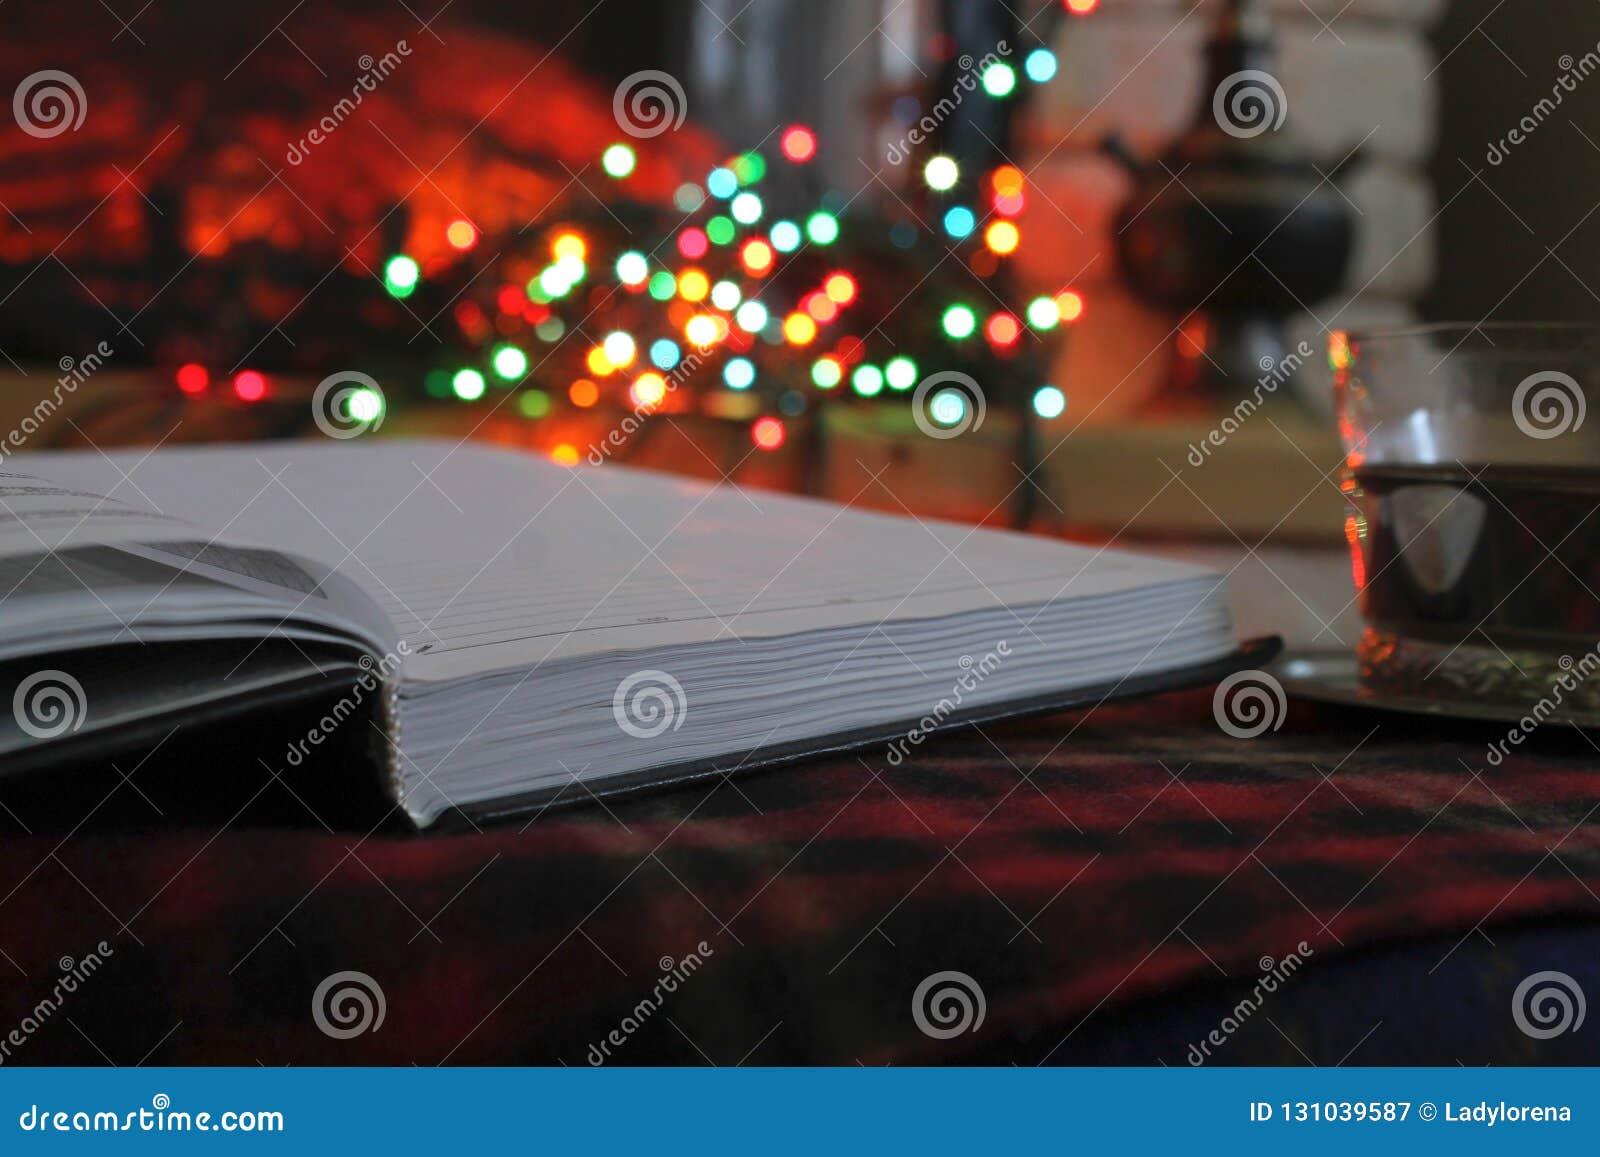 开放日志,透明茶在钢杯座的在一本灼烧的壁炉和圣诞节诗歌选的背景